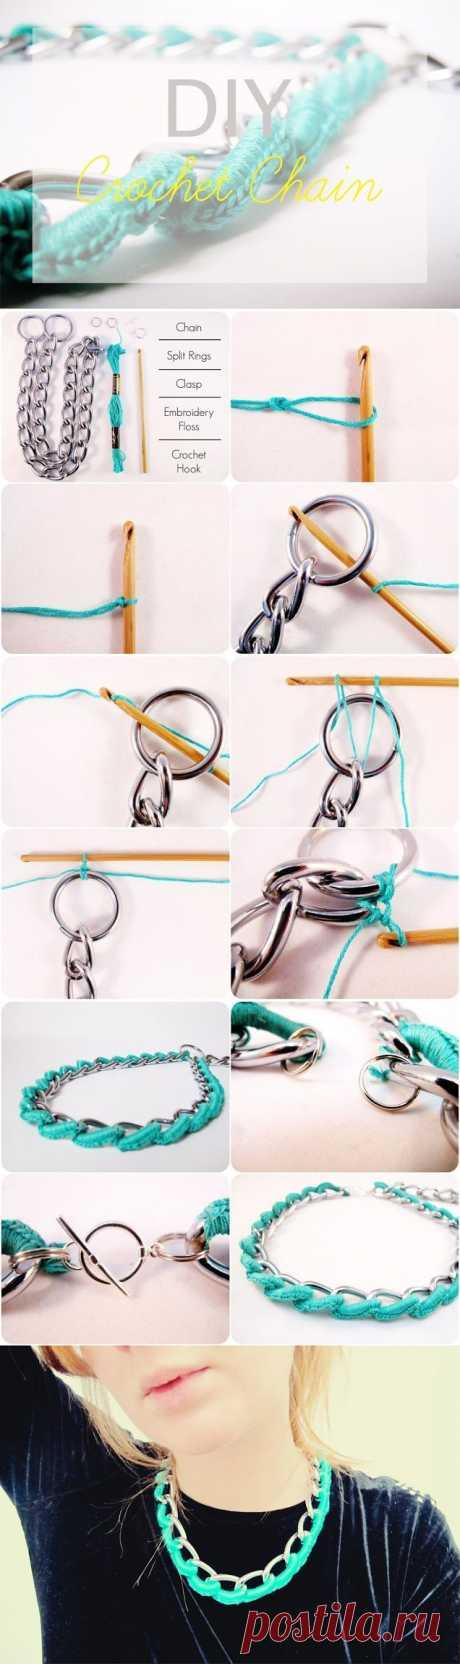 Ожерелье: мулине + цепь (DIY) / Украшения и бижутерия / Модный сайт о стильной переделке одежды и интерьера